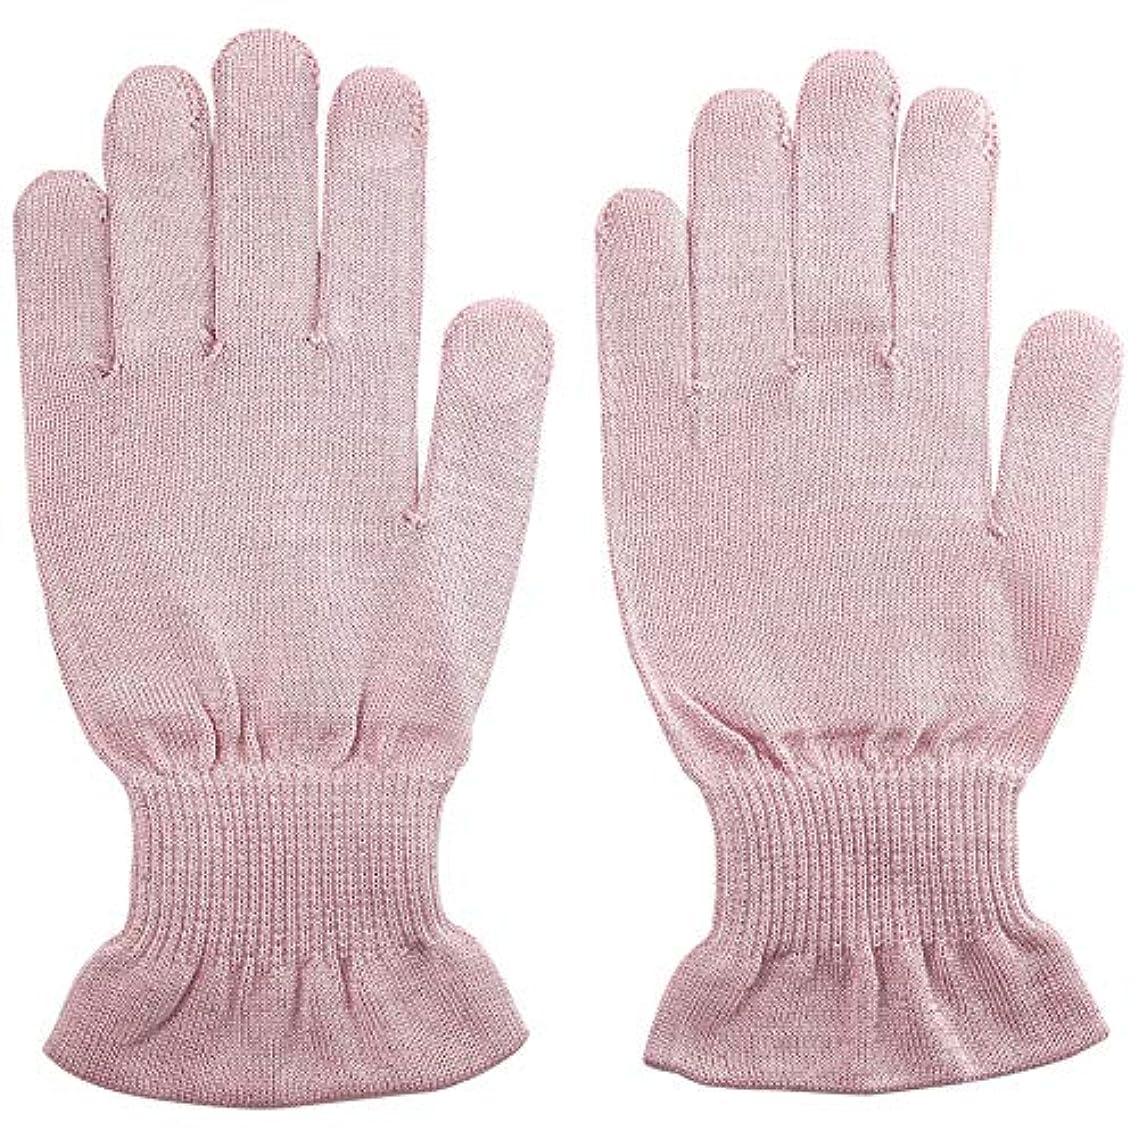 バケット添付補償温むすび ハンドケア手袋 【手のひら美人 女性用 M~Lサイズ】 ペールピンク